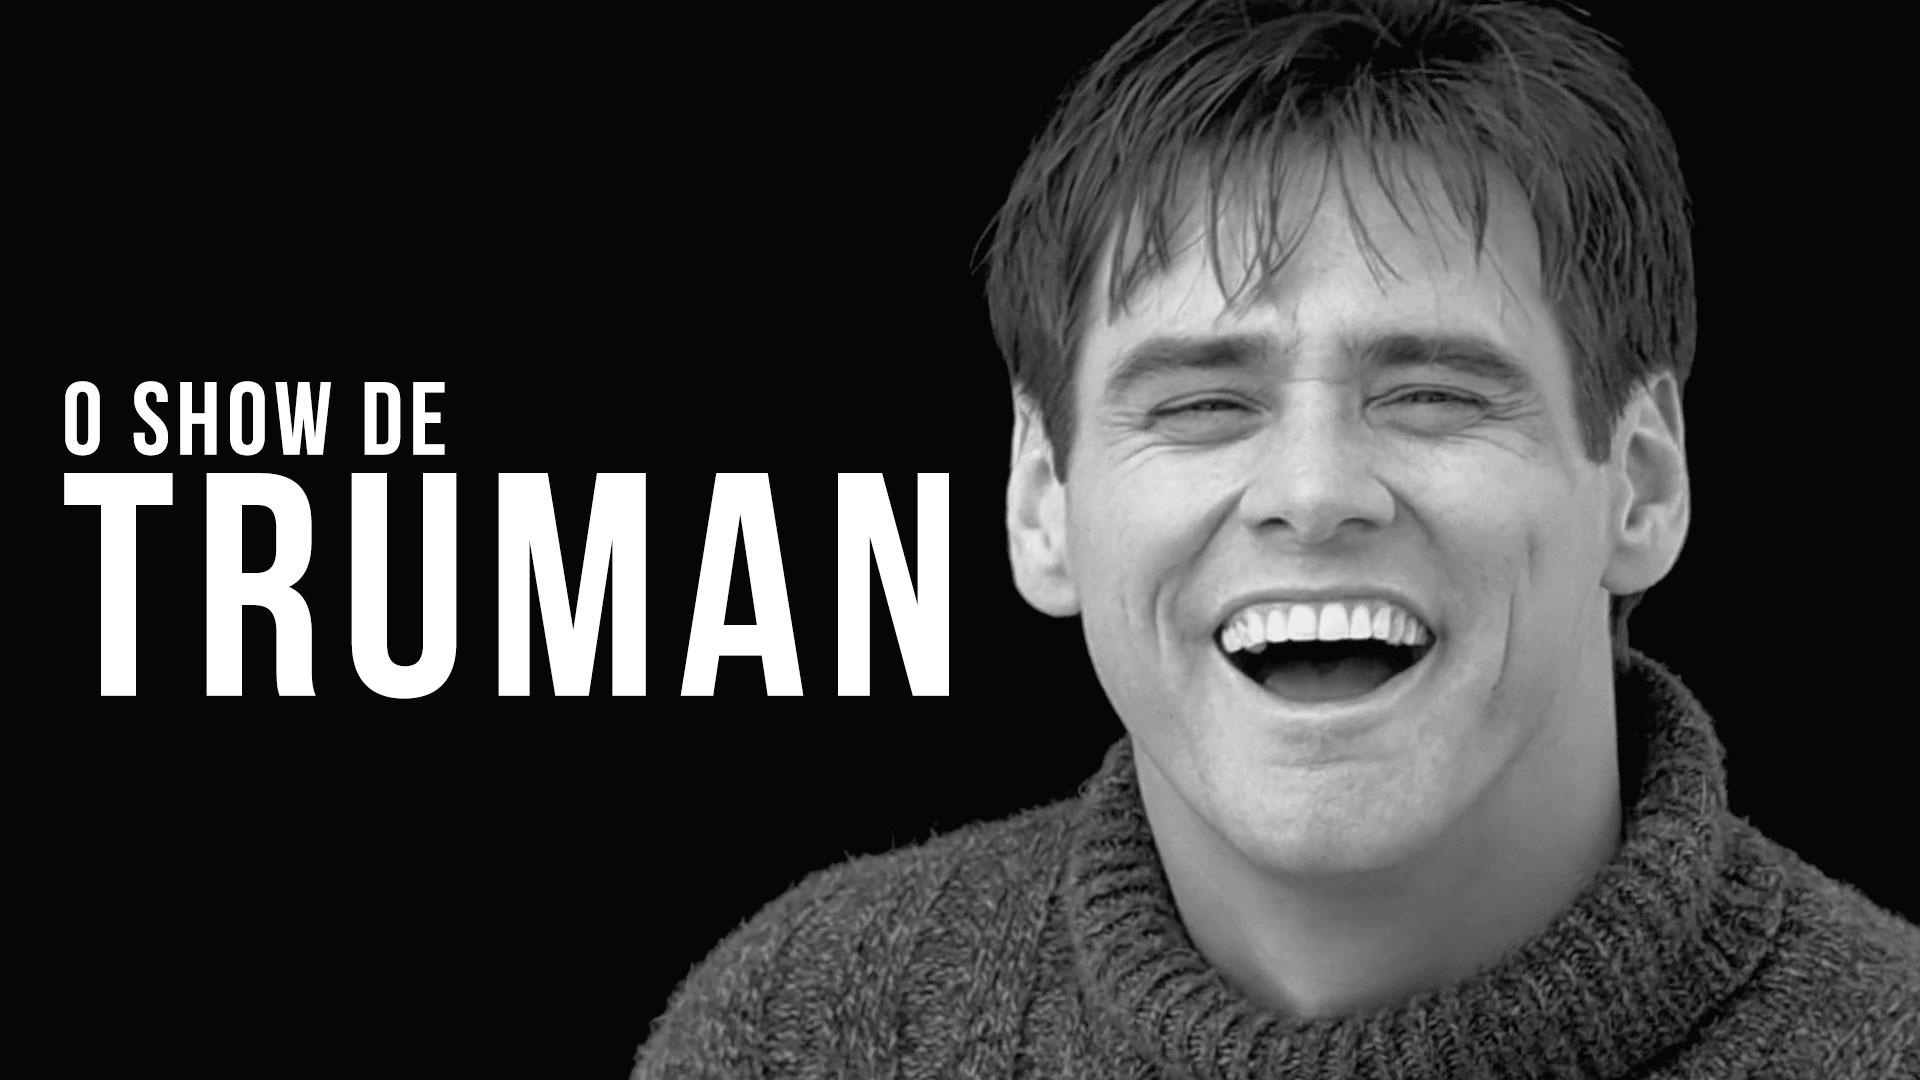 O Show de Truman